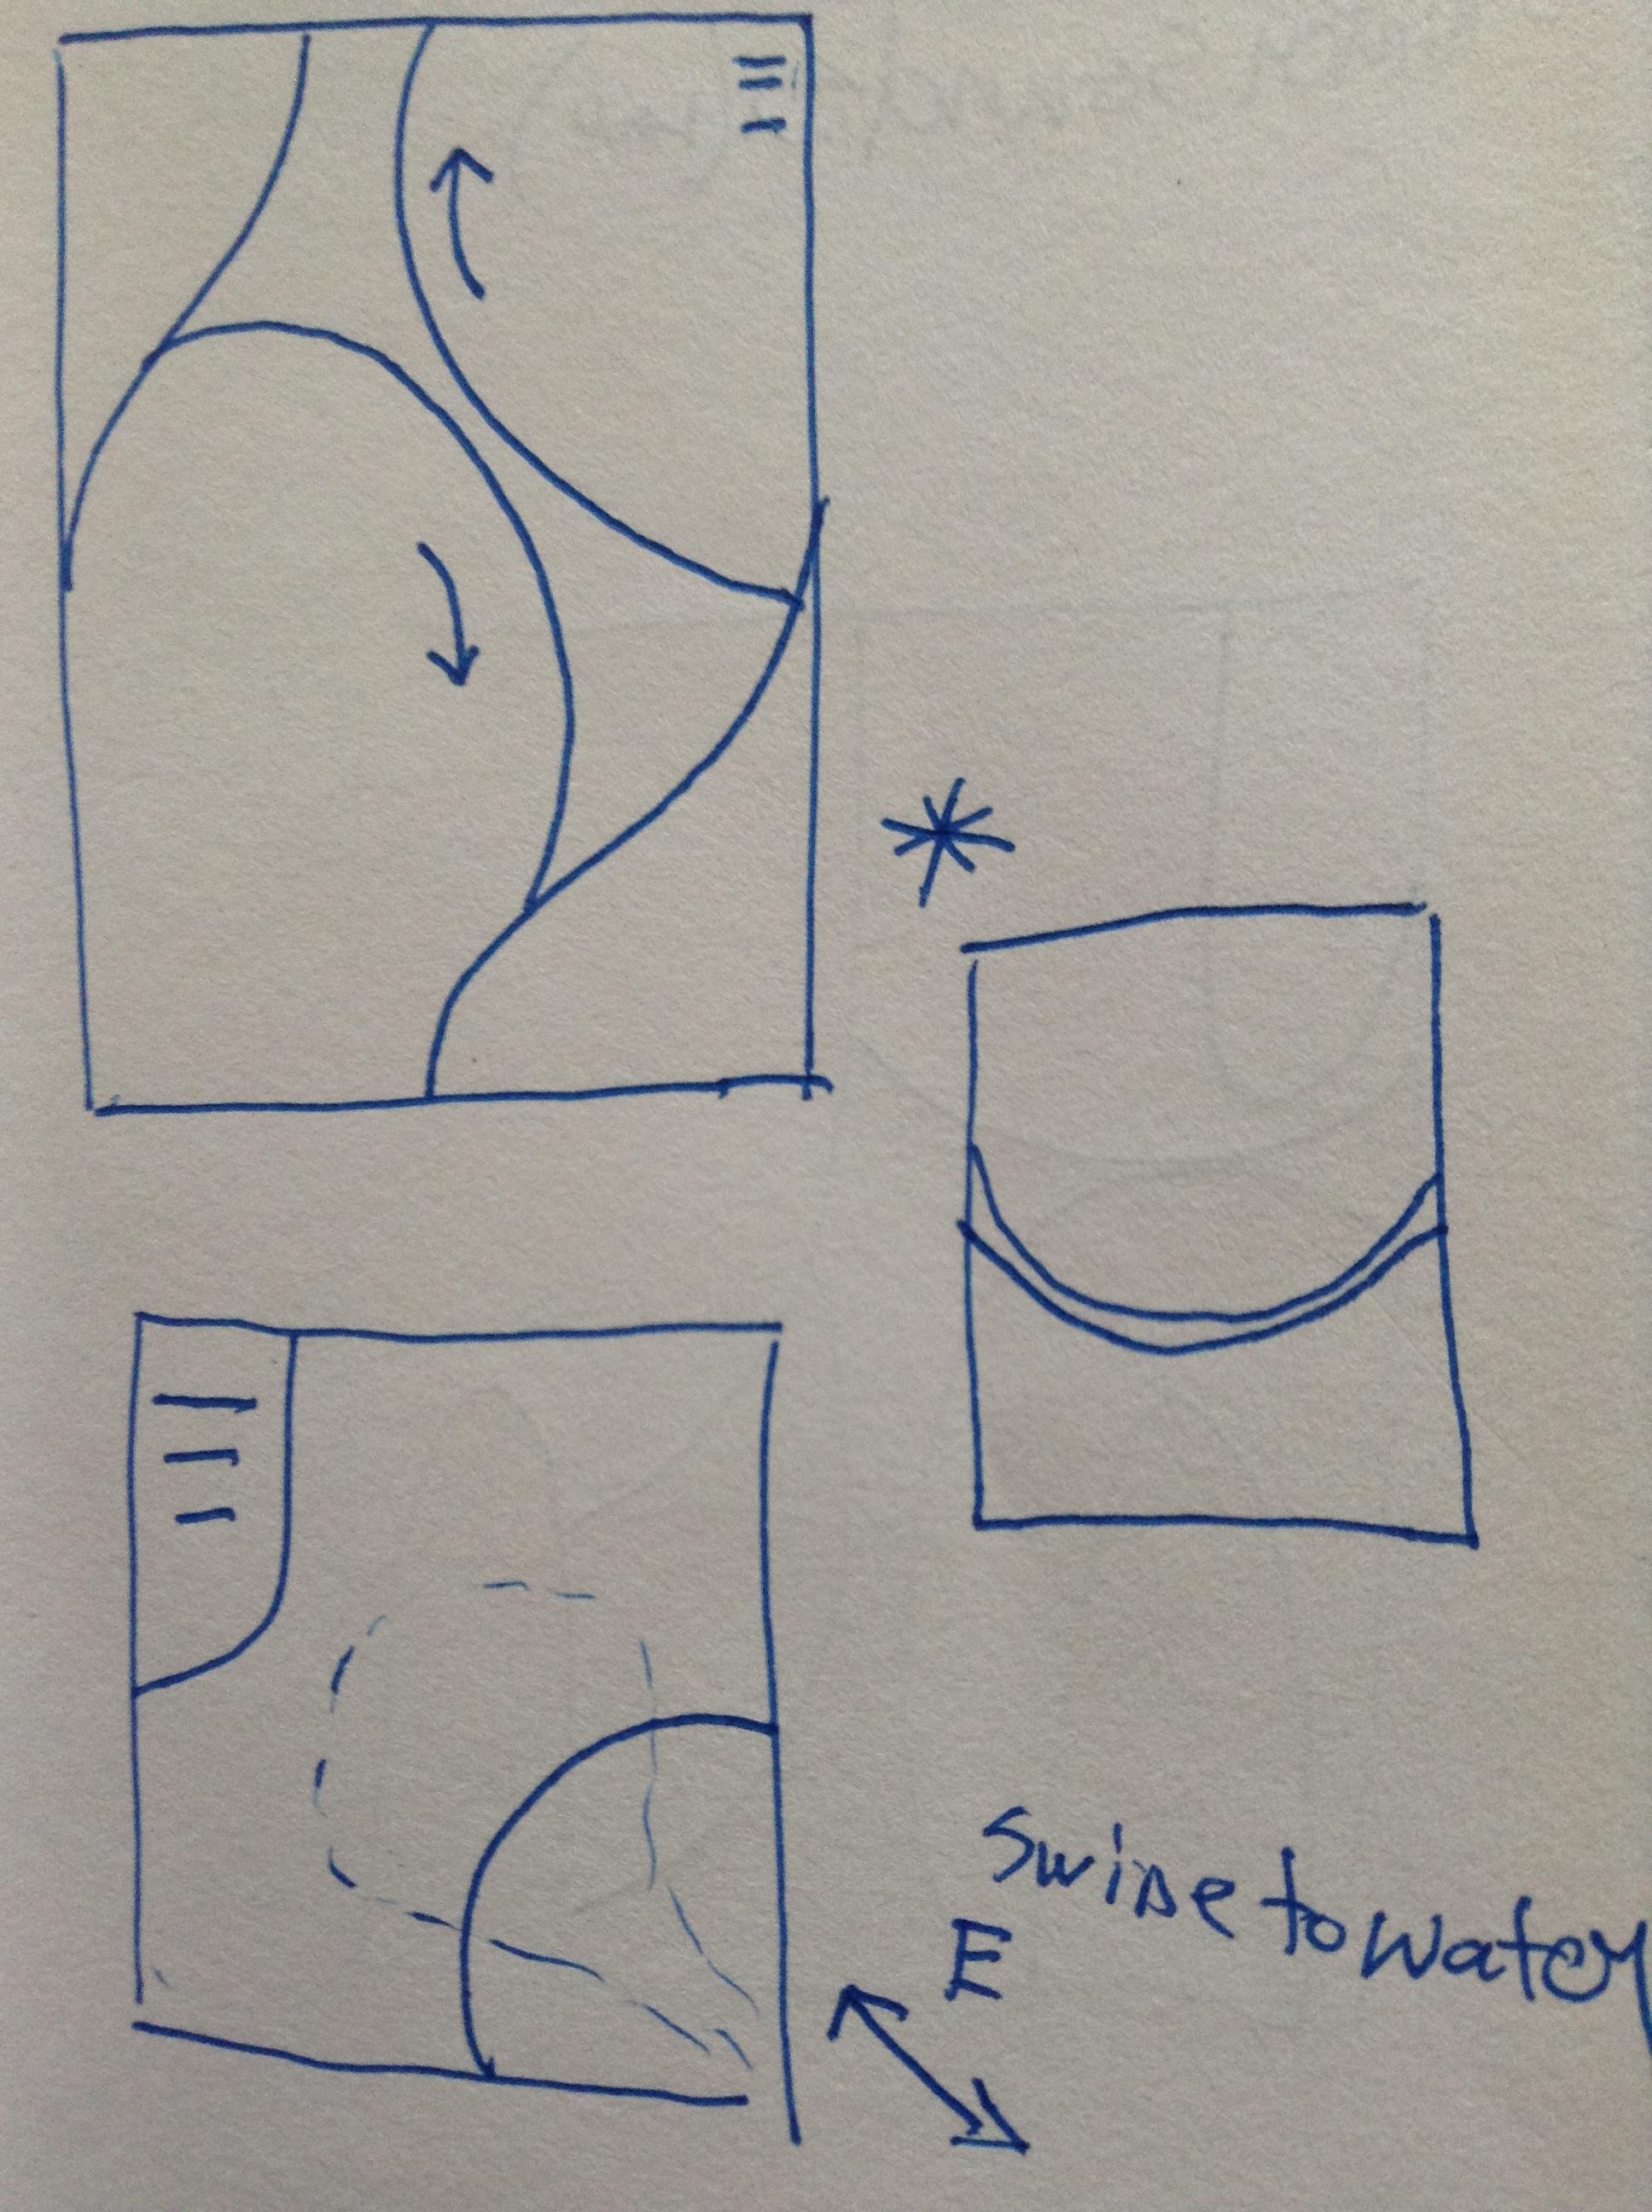 Tembo App UX Sketch